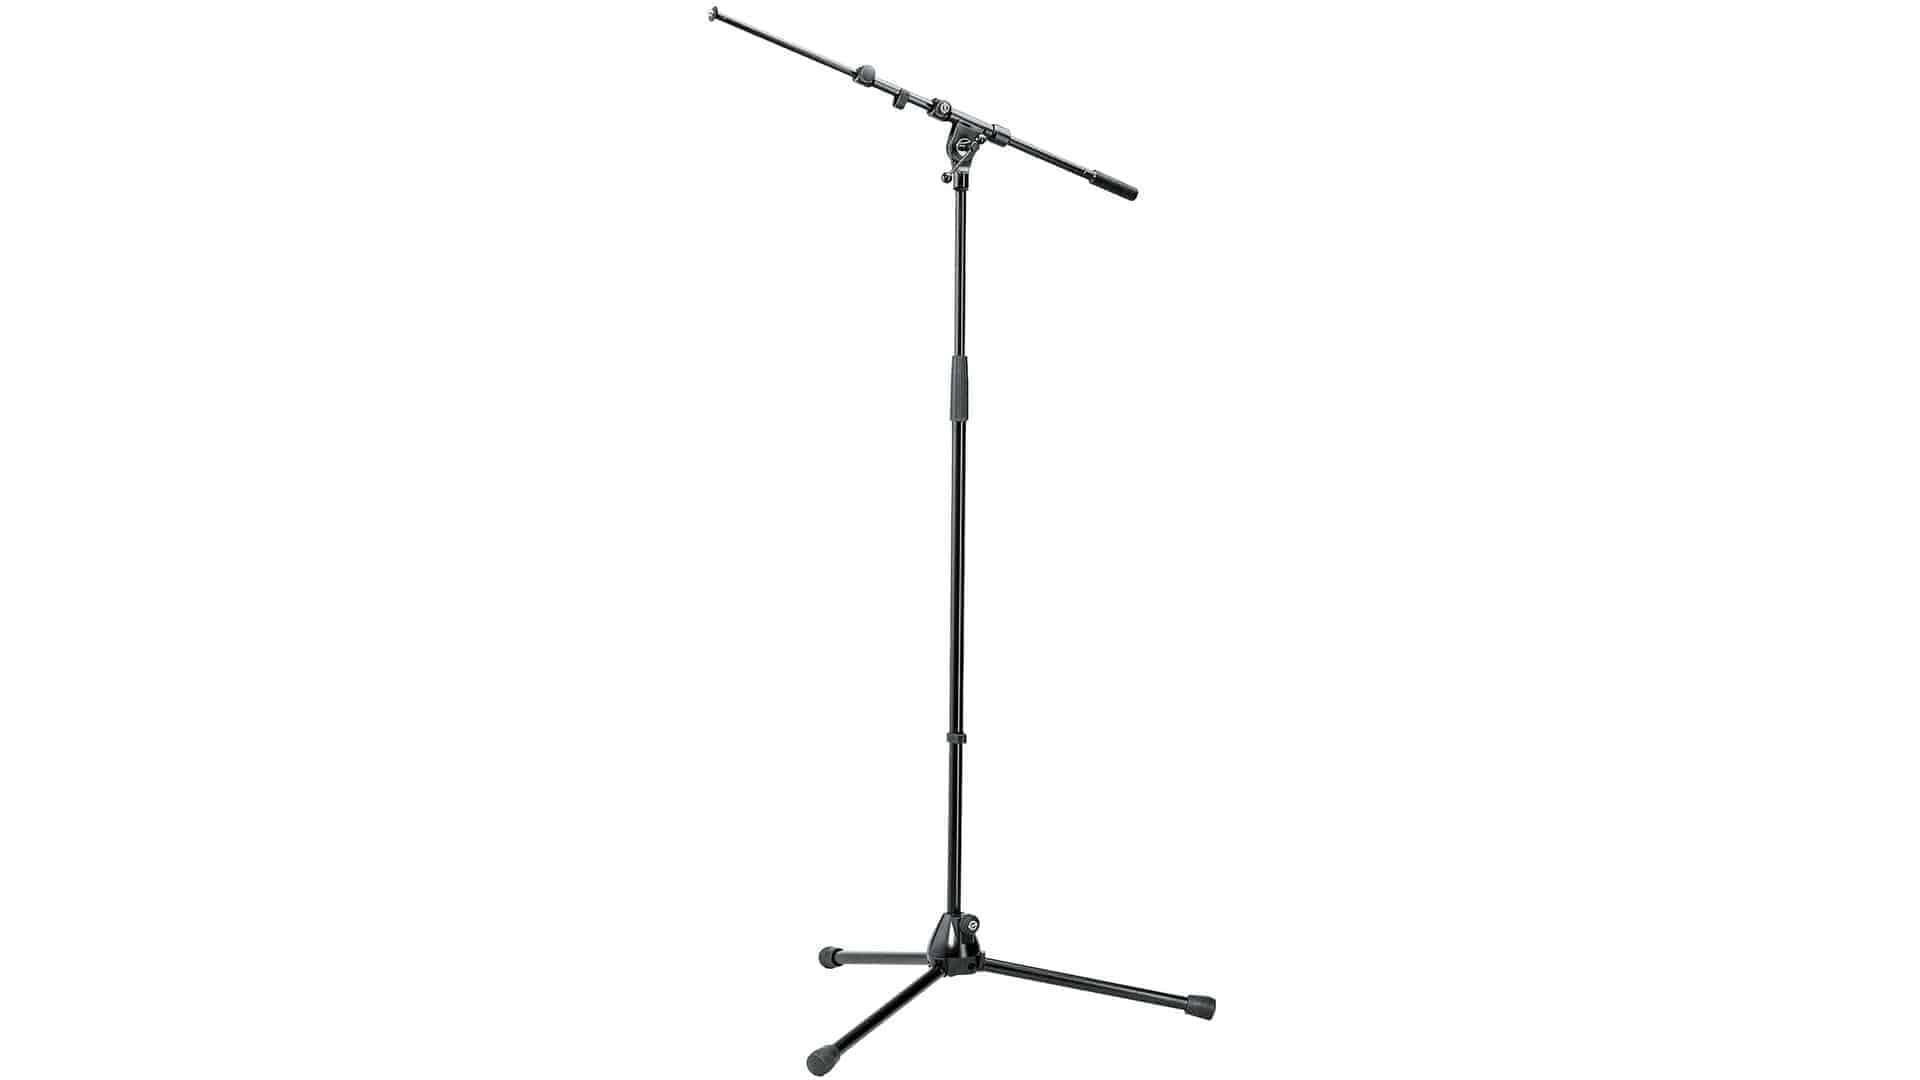 koenig meyer mikrofonstativ 210/9